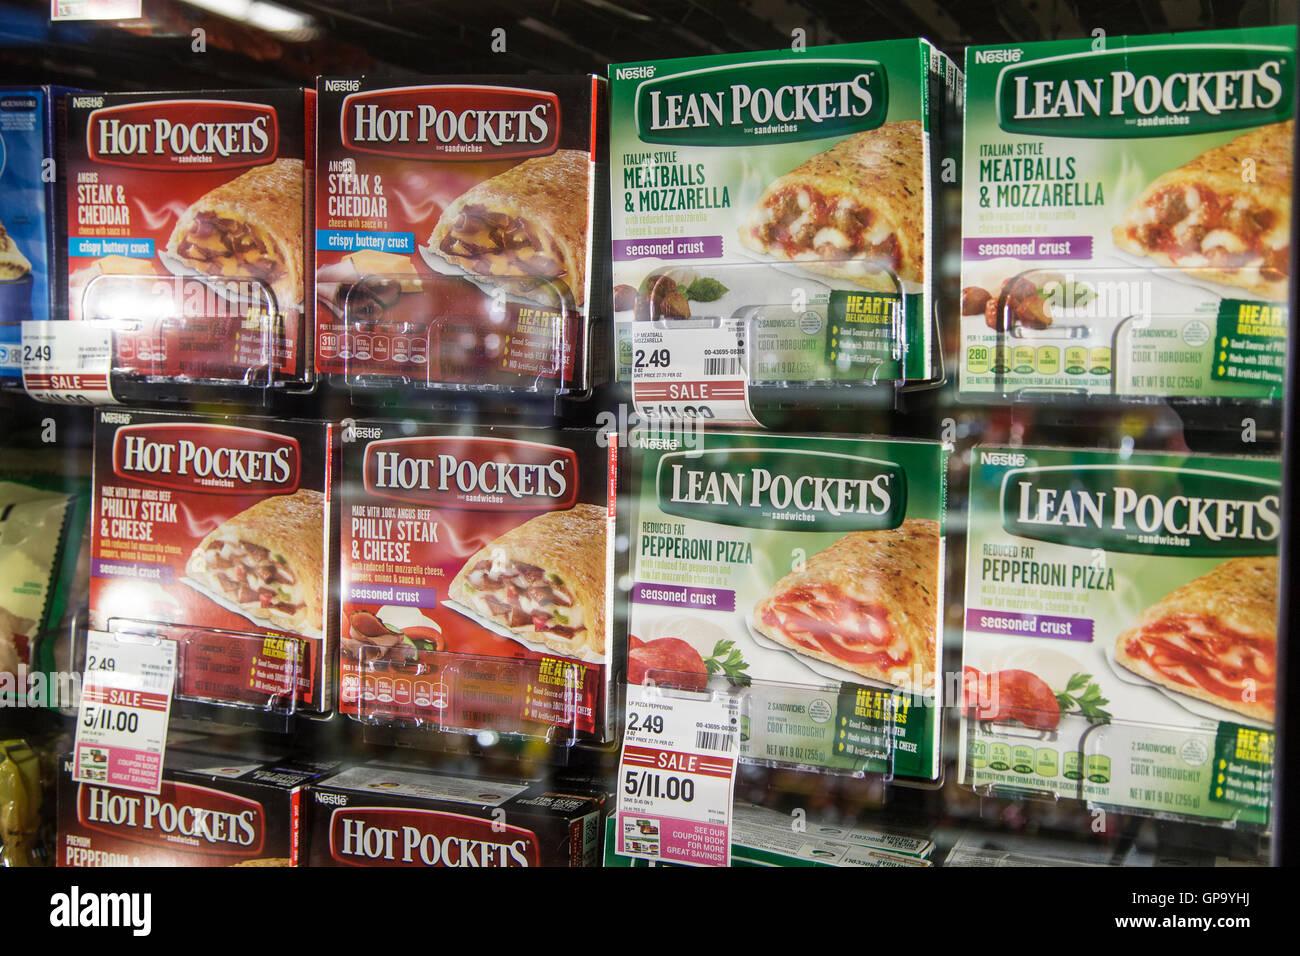 Boîtes de petites poches et poches maigre dans le congélateur d'une épicerie de cas Photo Stock